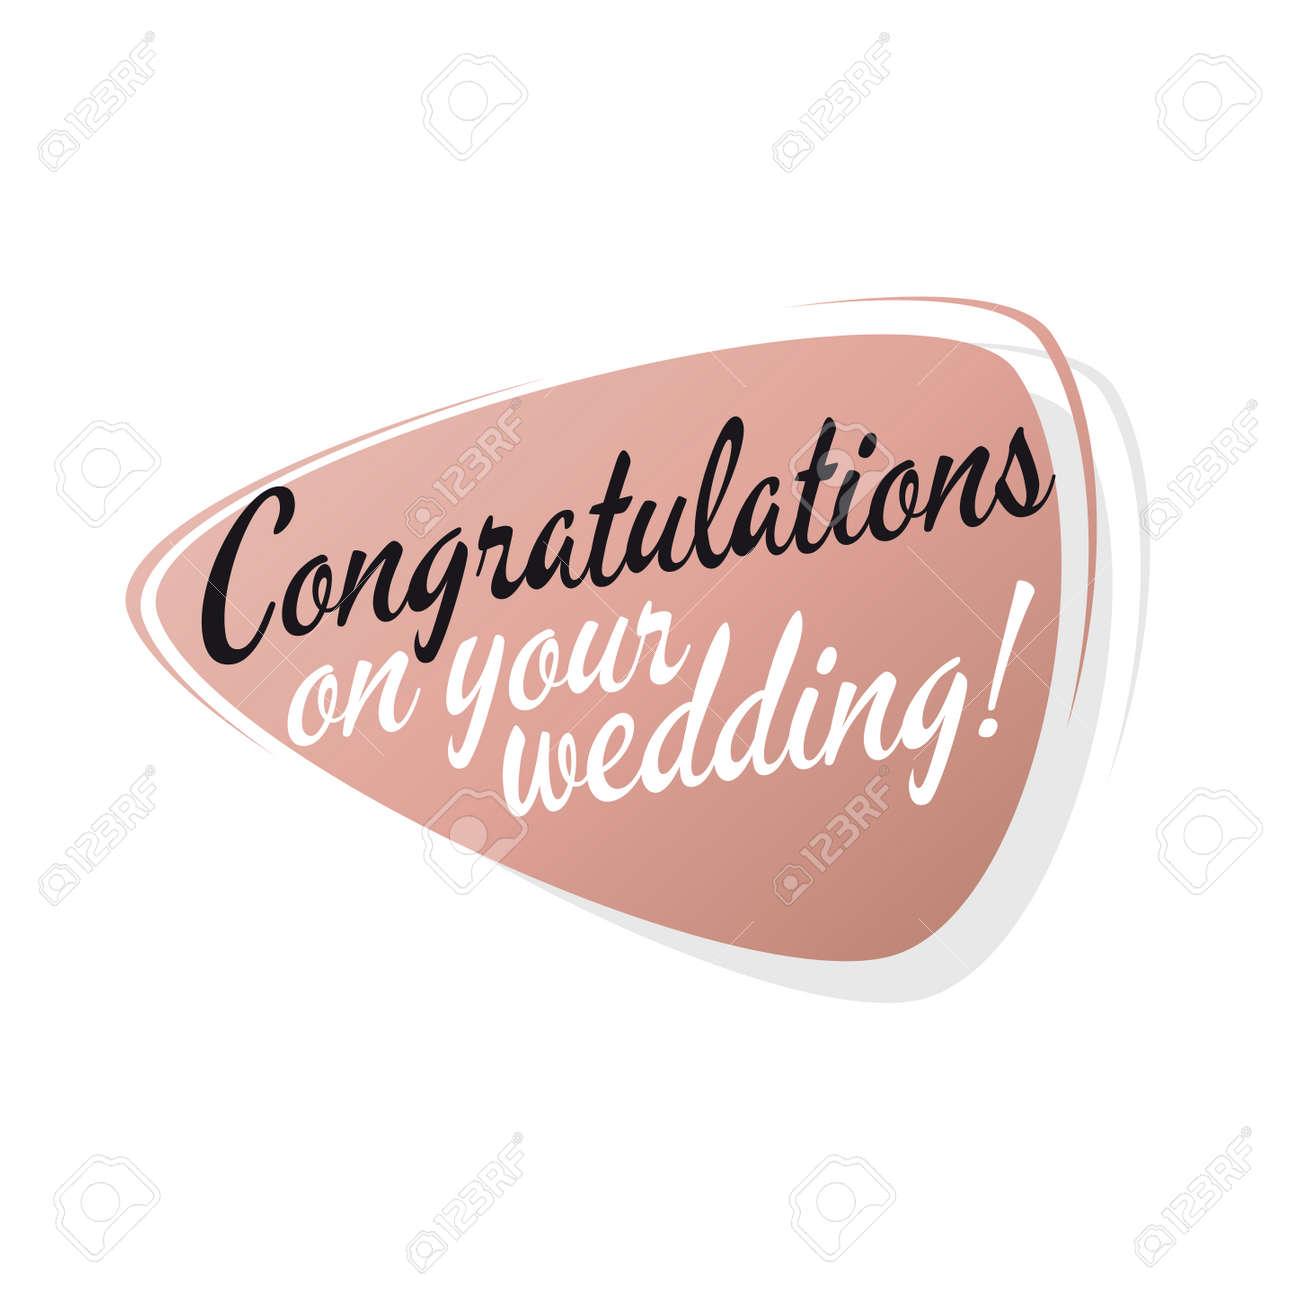 retro wedding congratulations sign royalty free cliparts vectors